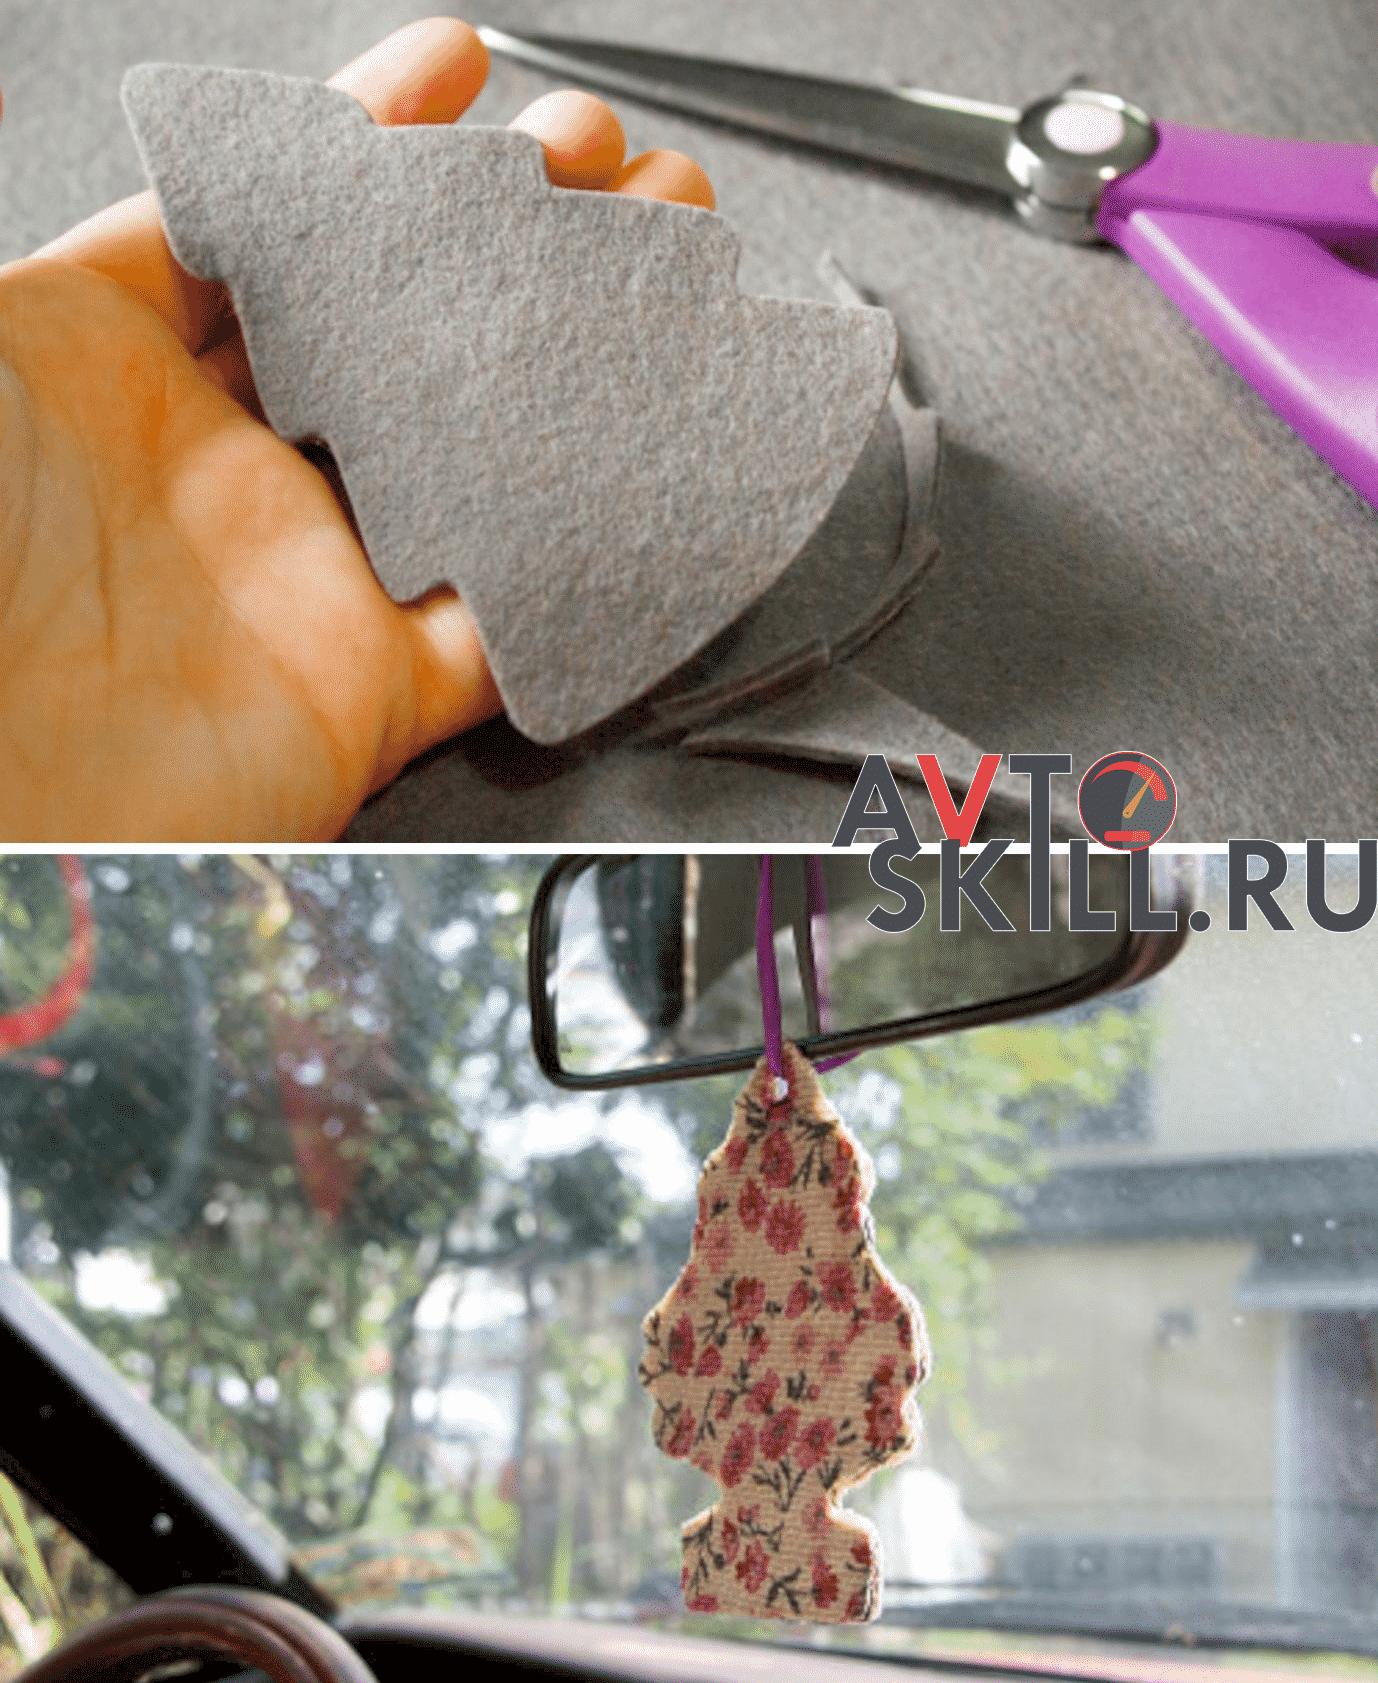 Ароматизатор-«ёлочка» в машину | Как сделать ароматизатор в машину своими руками